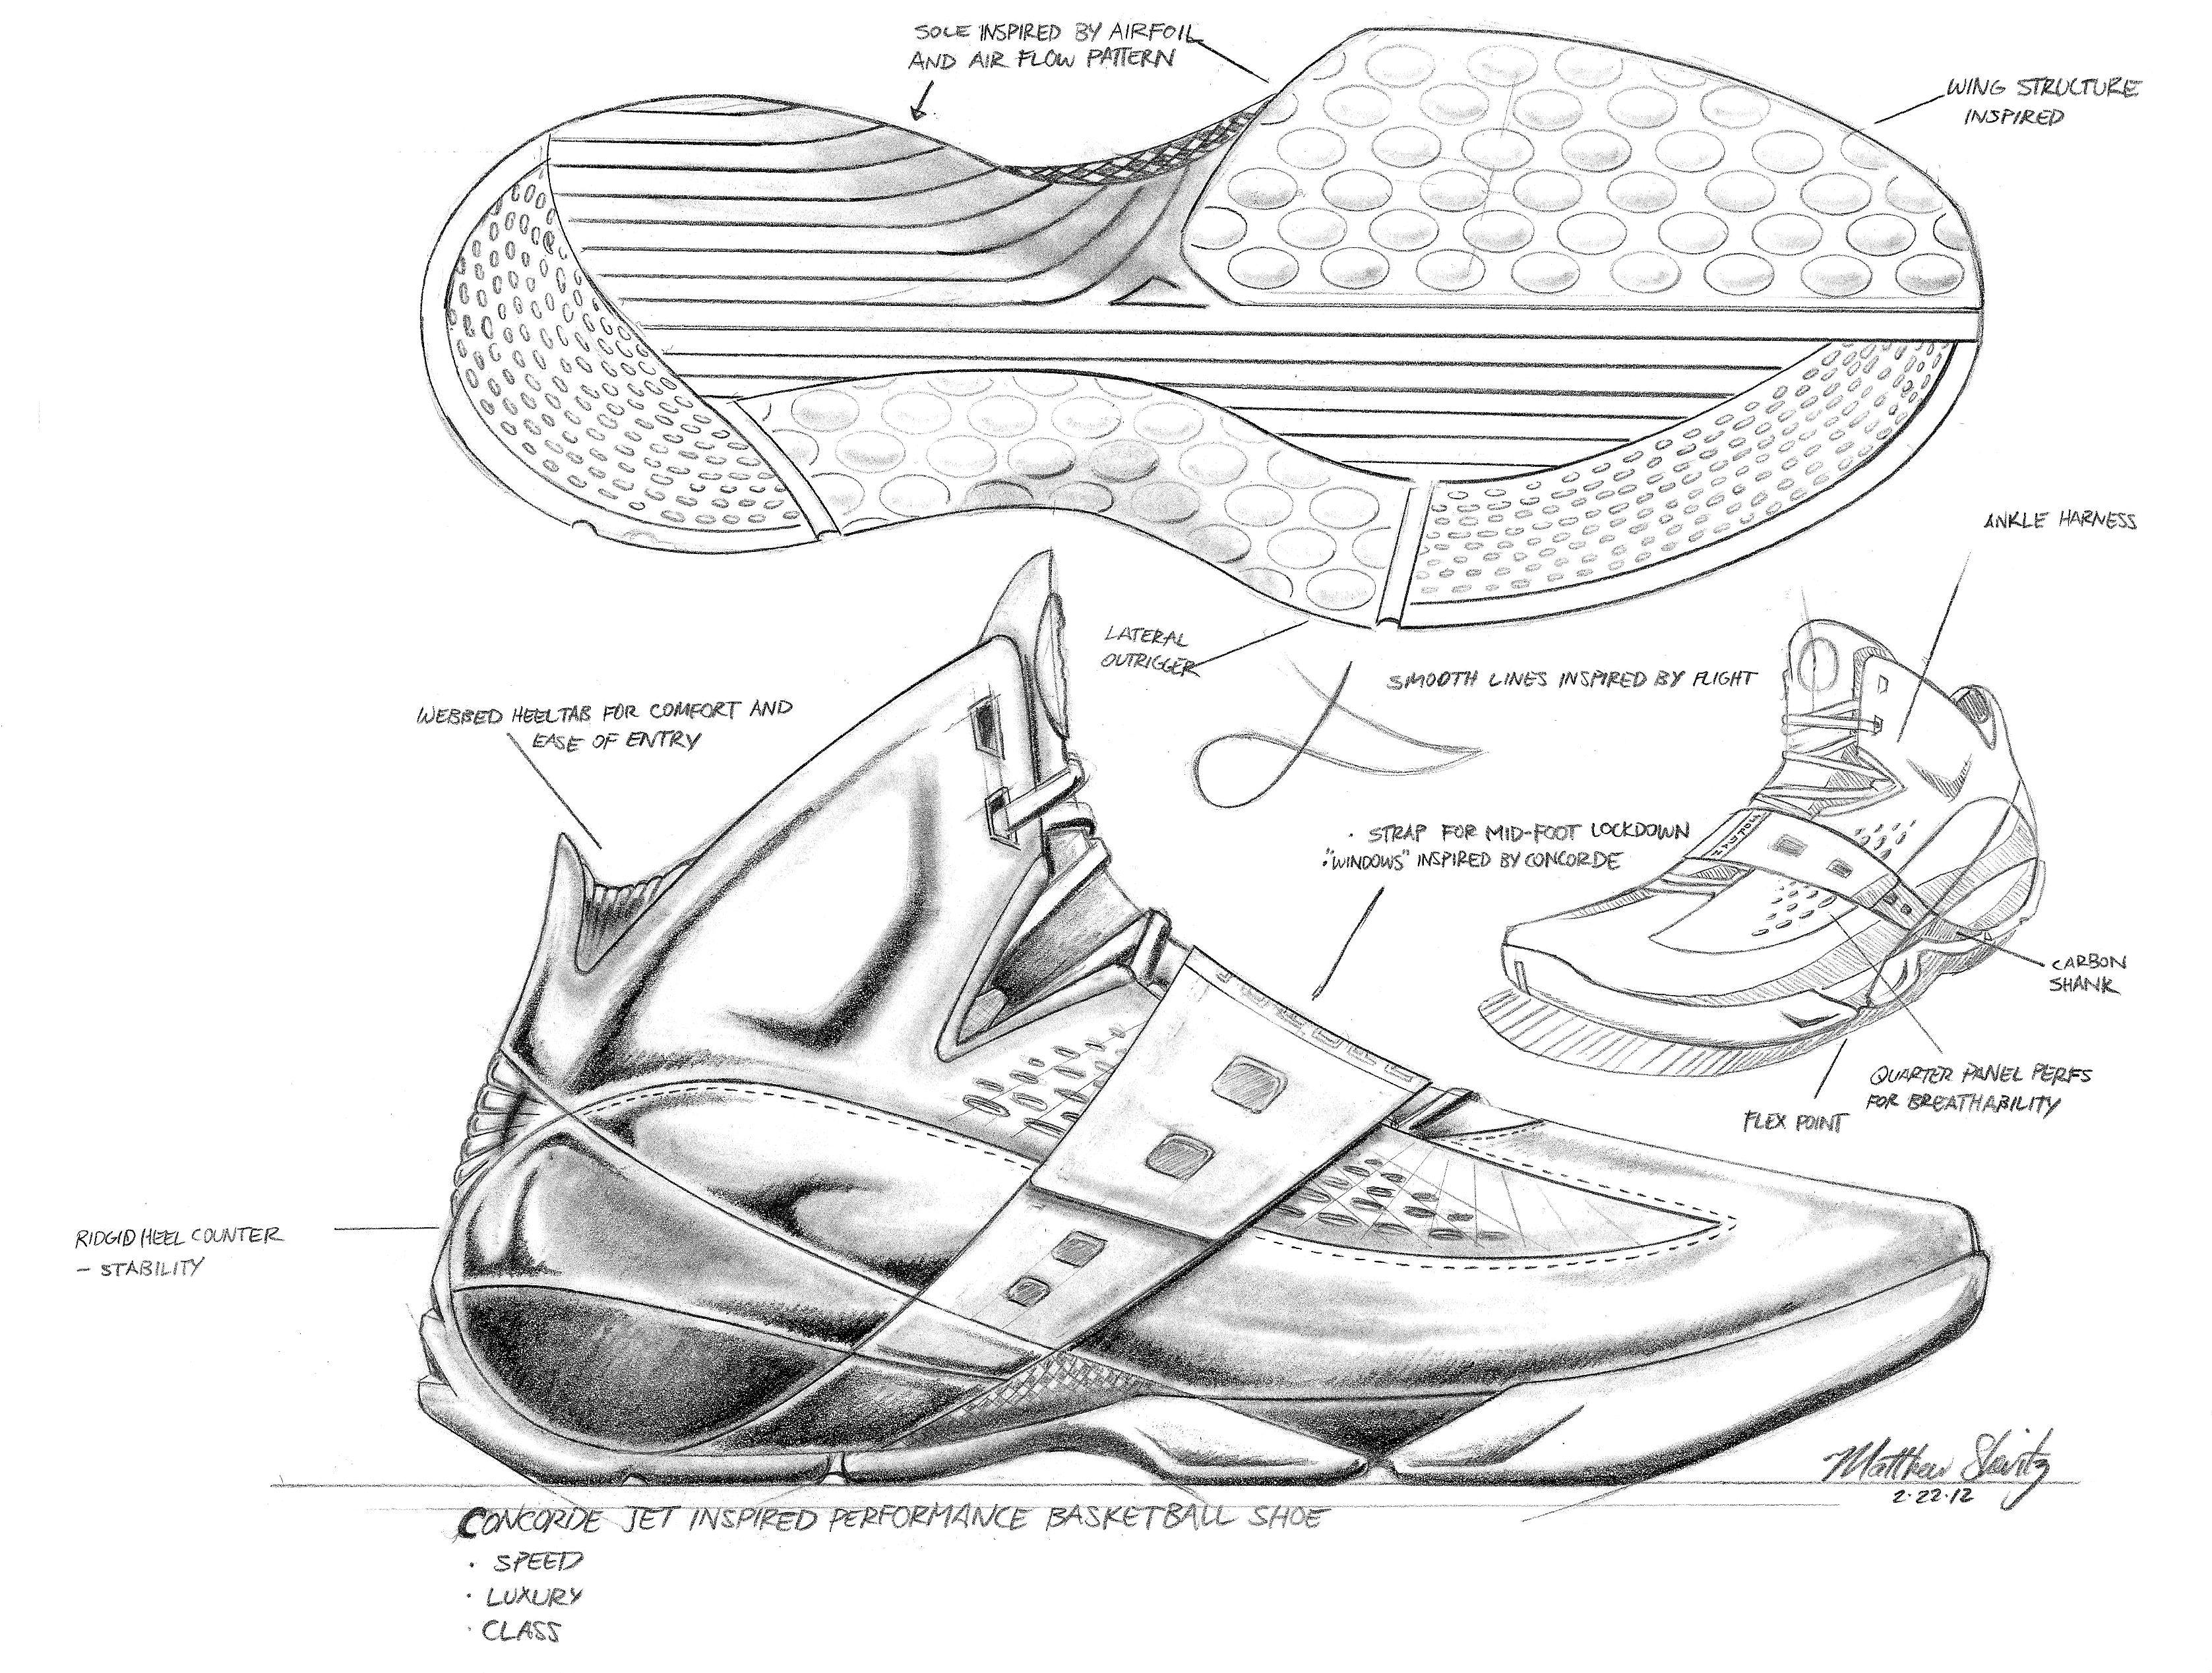 Industrial Design Sketch Heels Footwear   Yahoo Image Search Results